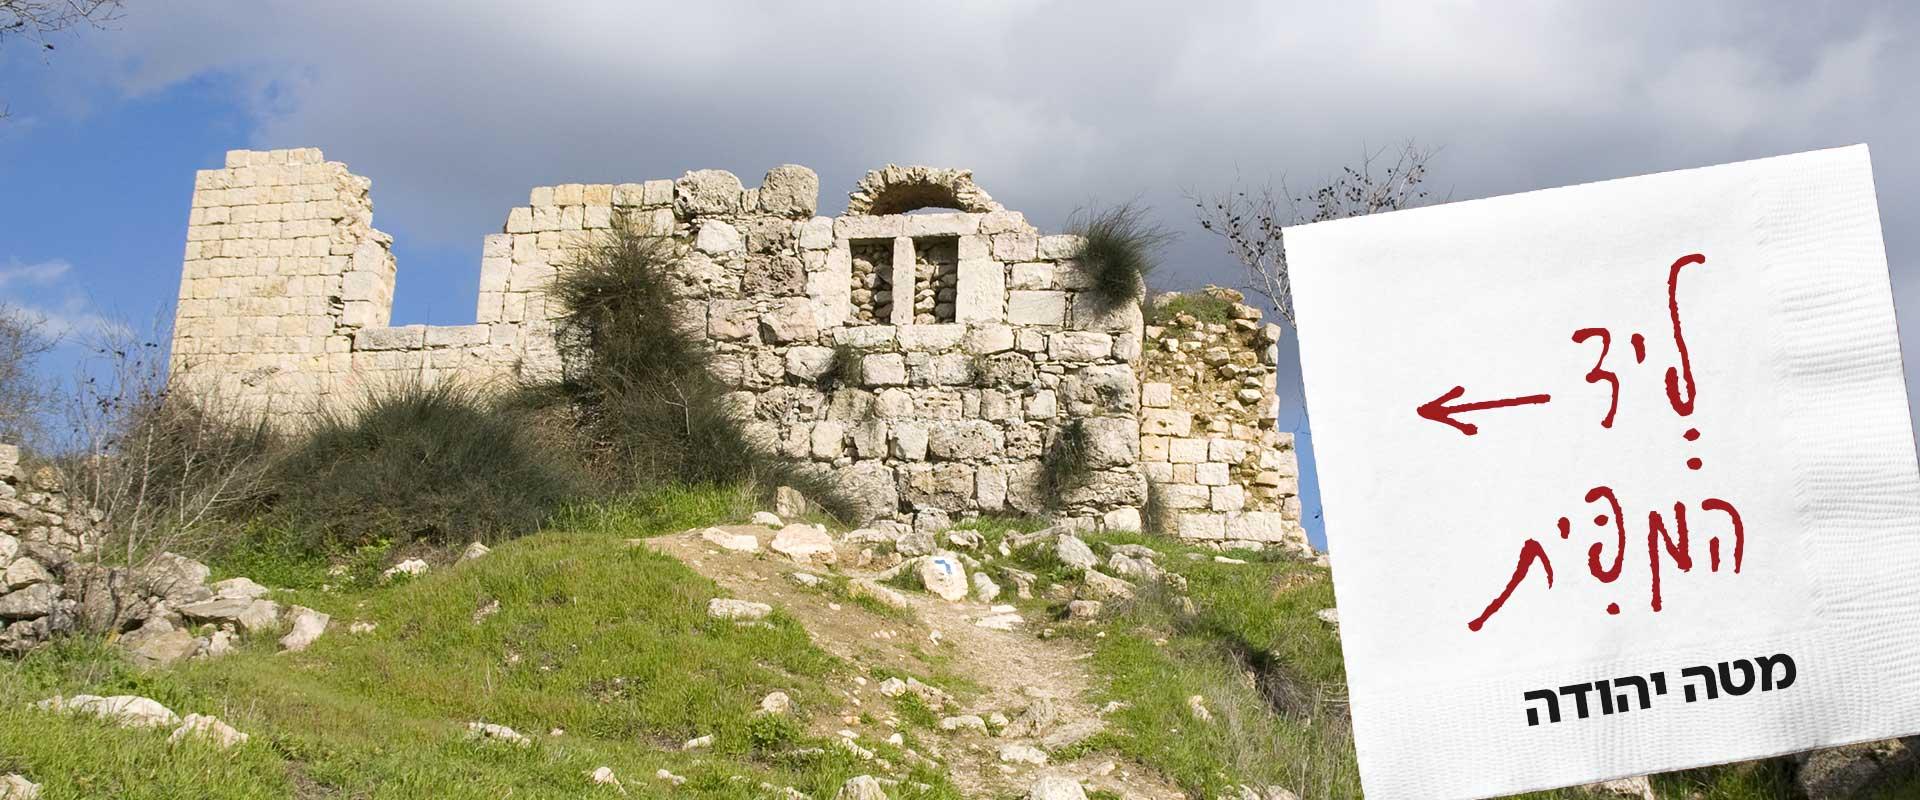 ליד המפית 3 - רמה בן צבי - פרק 2